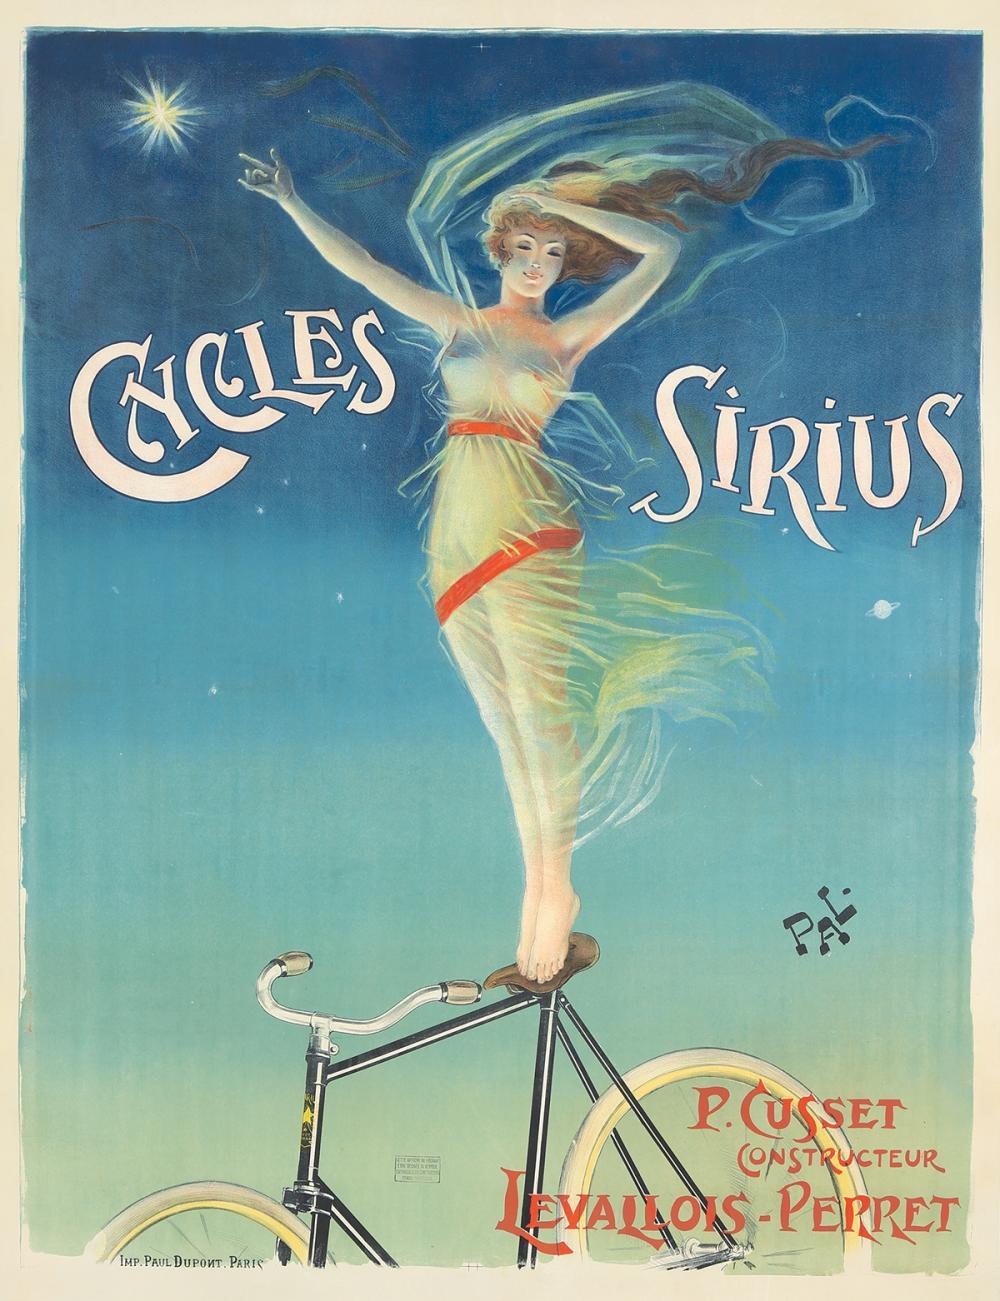 Cycles Sirius. ca. 1898.